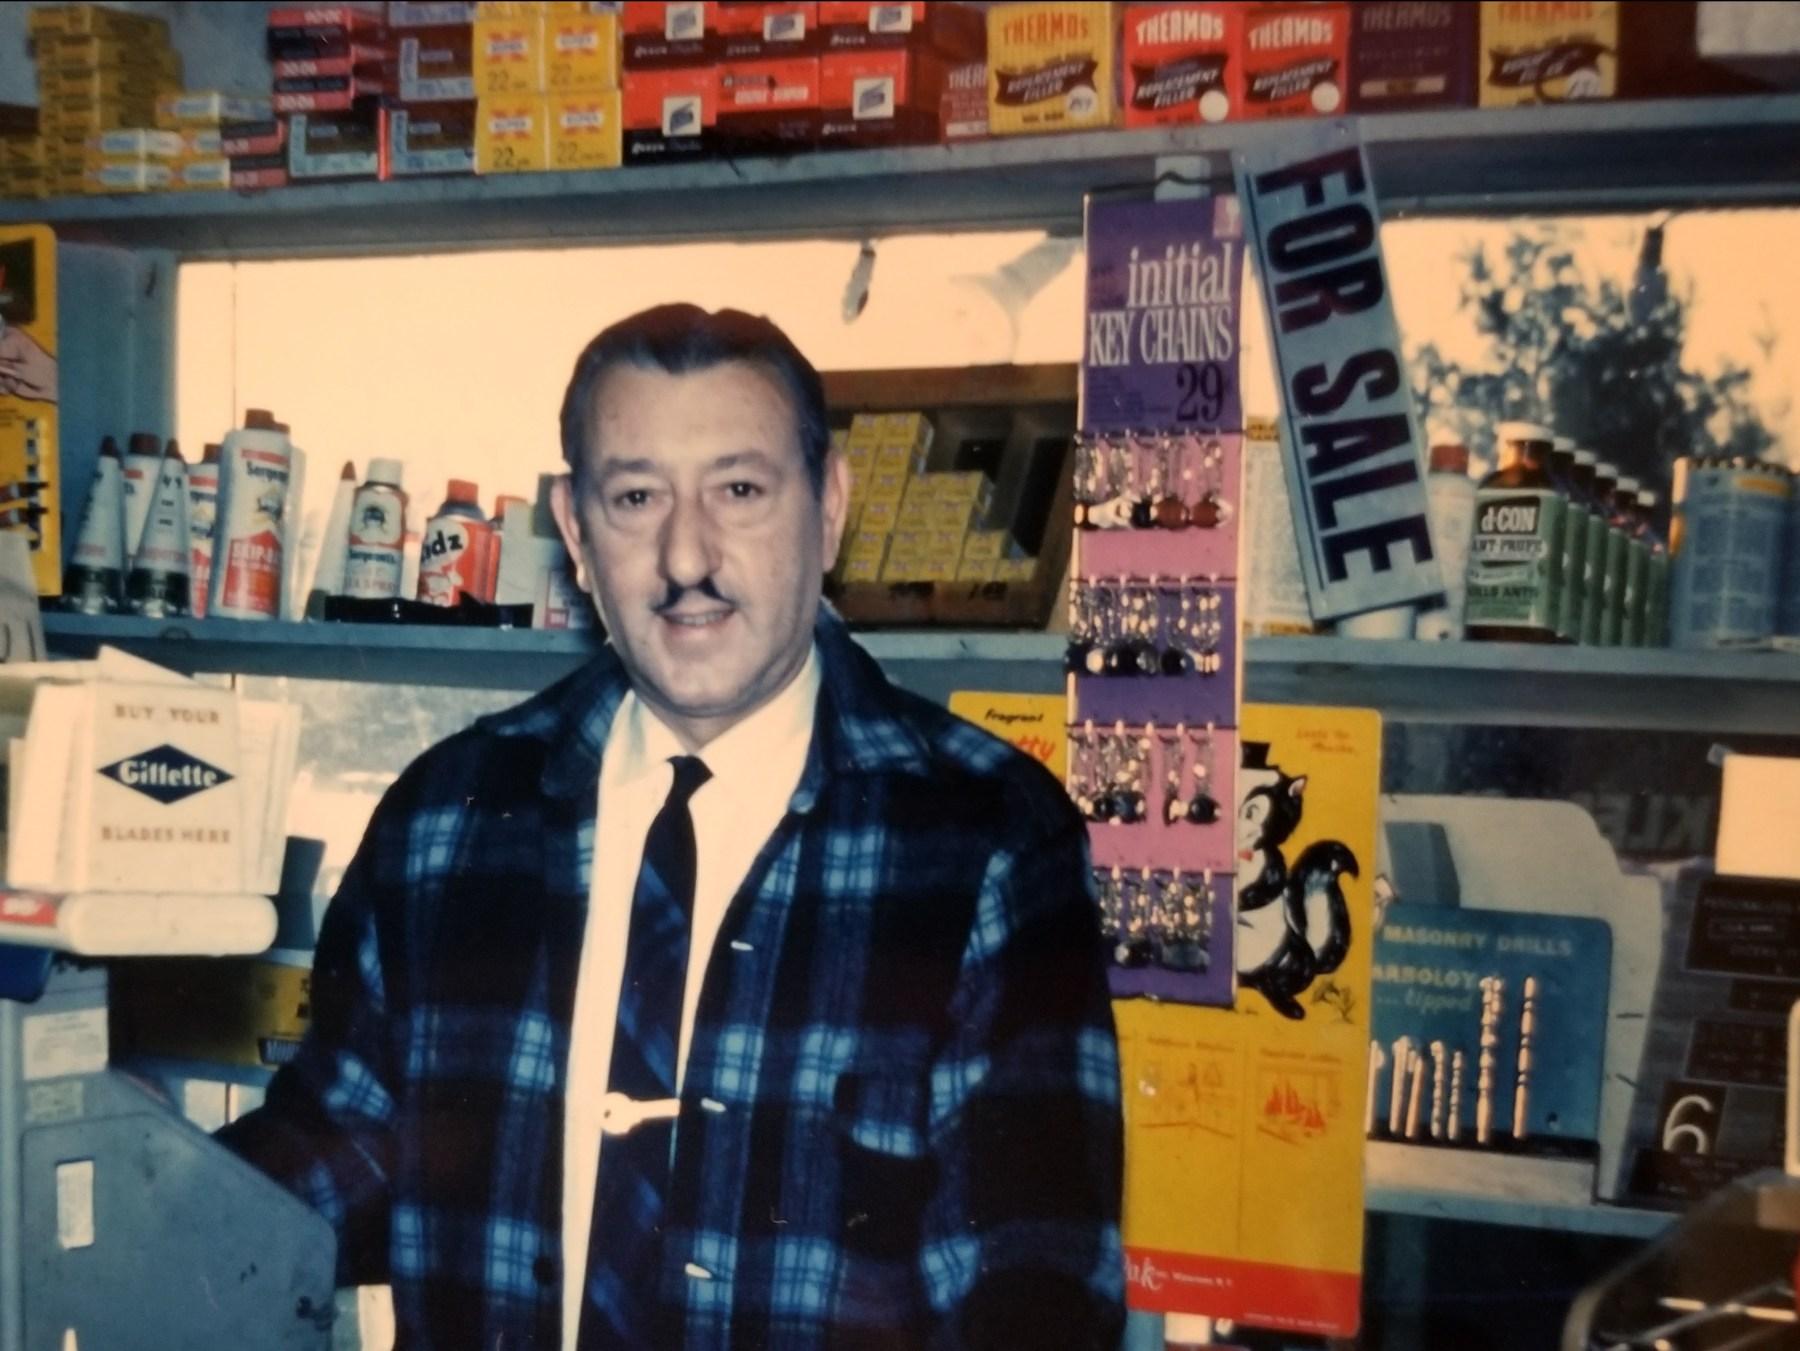 John DuCett behind counter